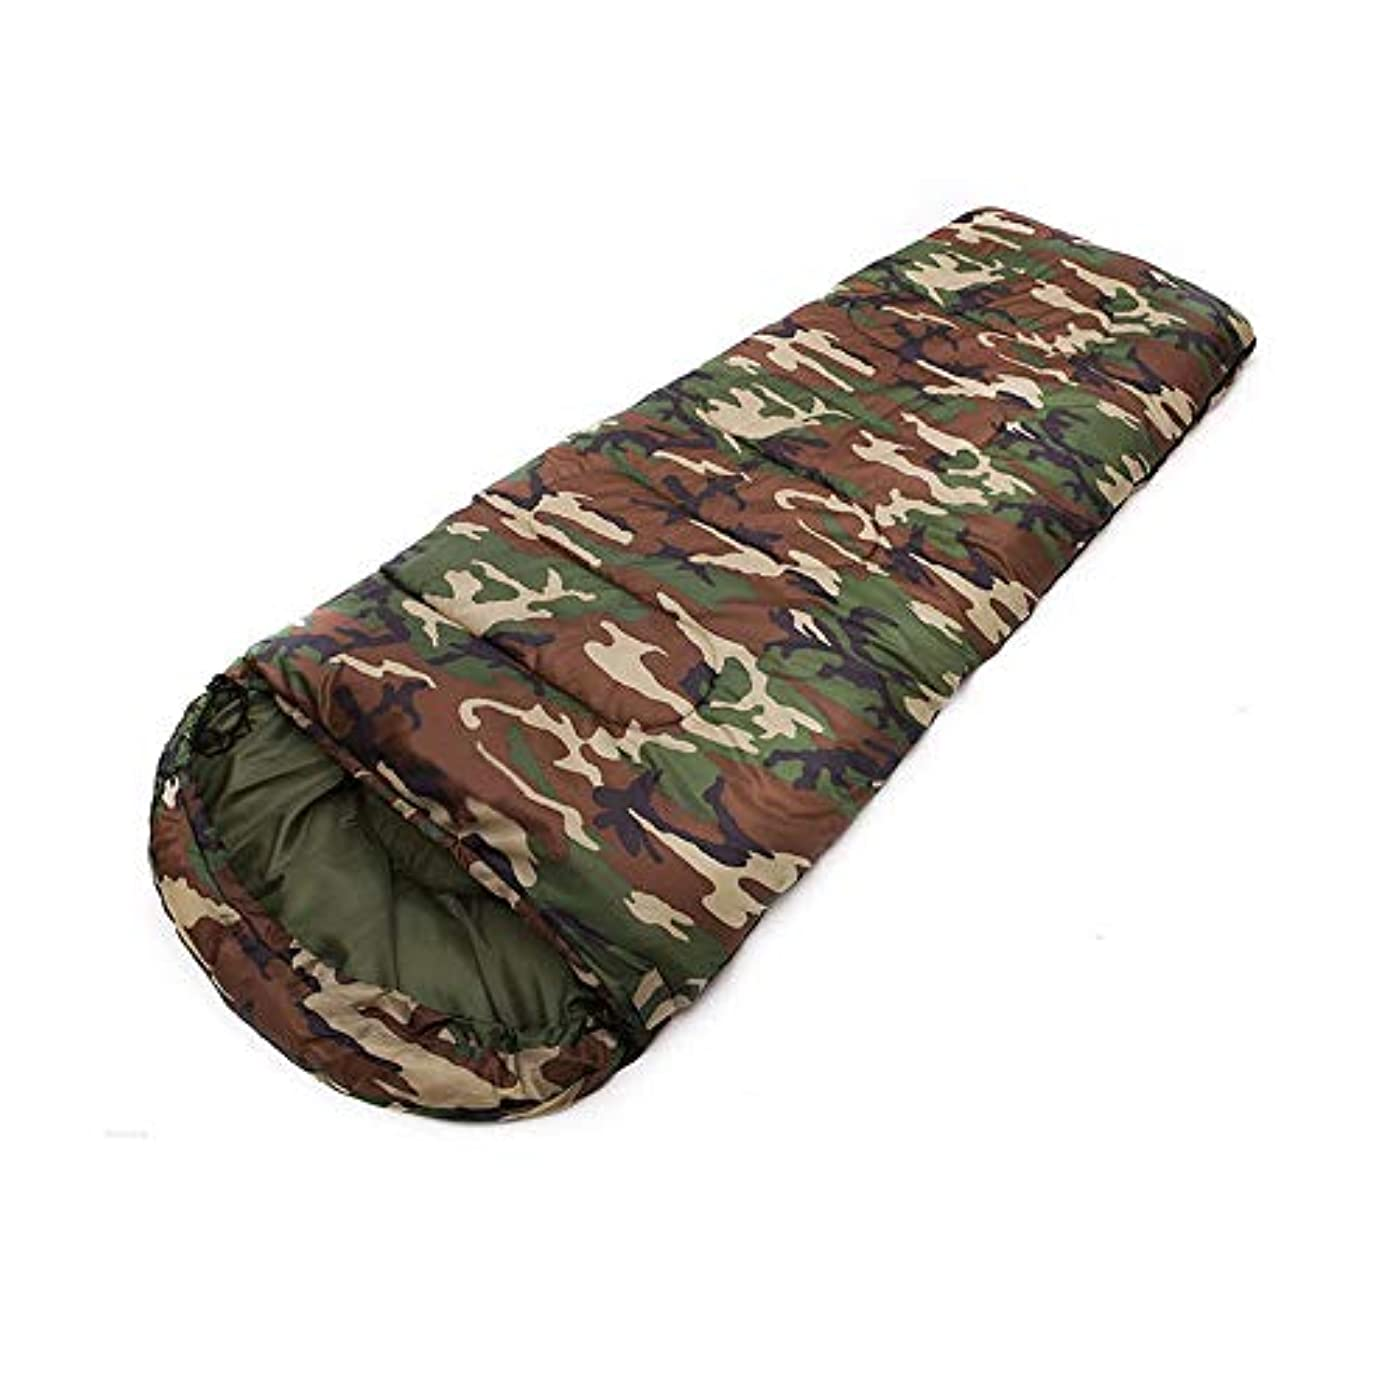 バーゲン異常多様なQIONGYU 寝袋 封筒型 シュラフ 防水 コンパクト アウトドア 登山 車中泊 丸洗い 1.8kg オールシーズン 冬用 快適使用温度 -10℃~20℃